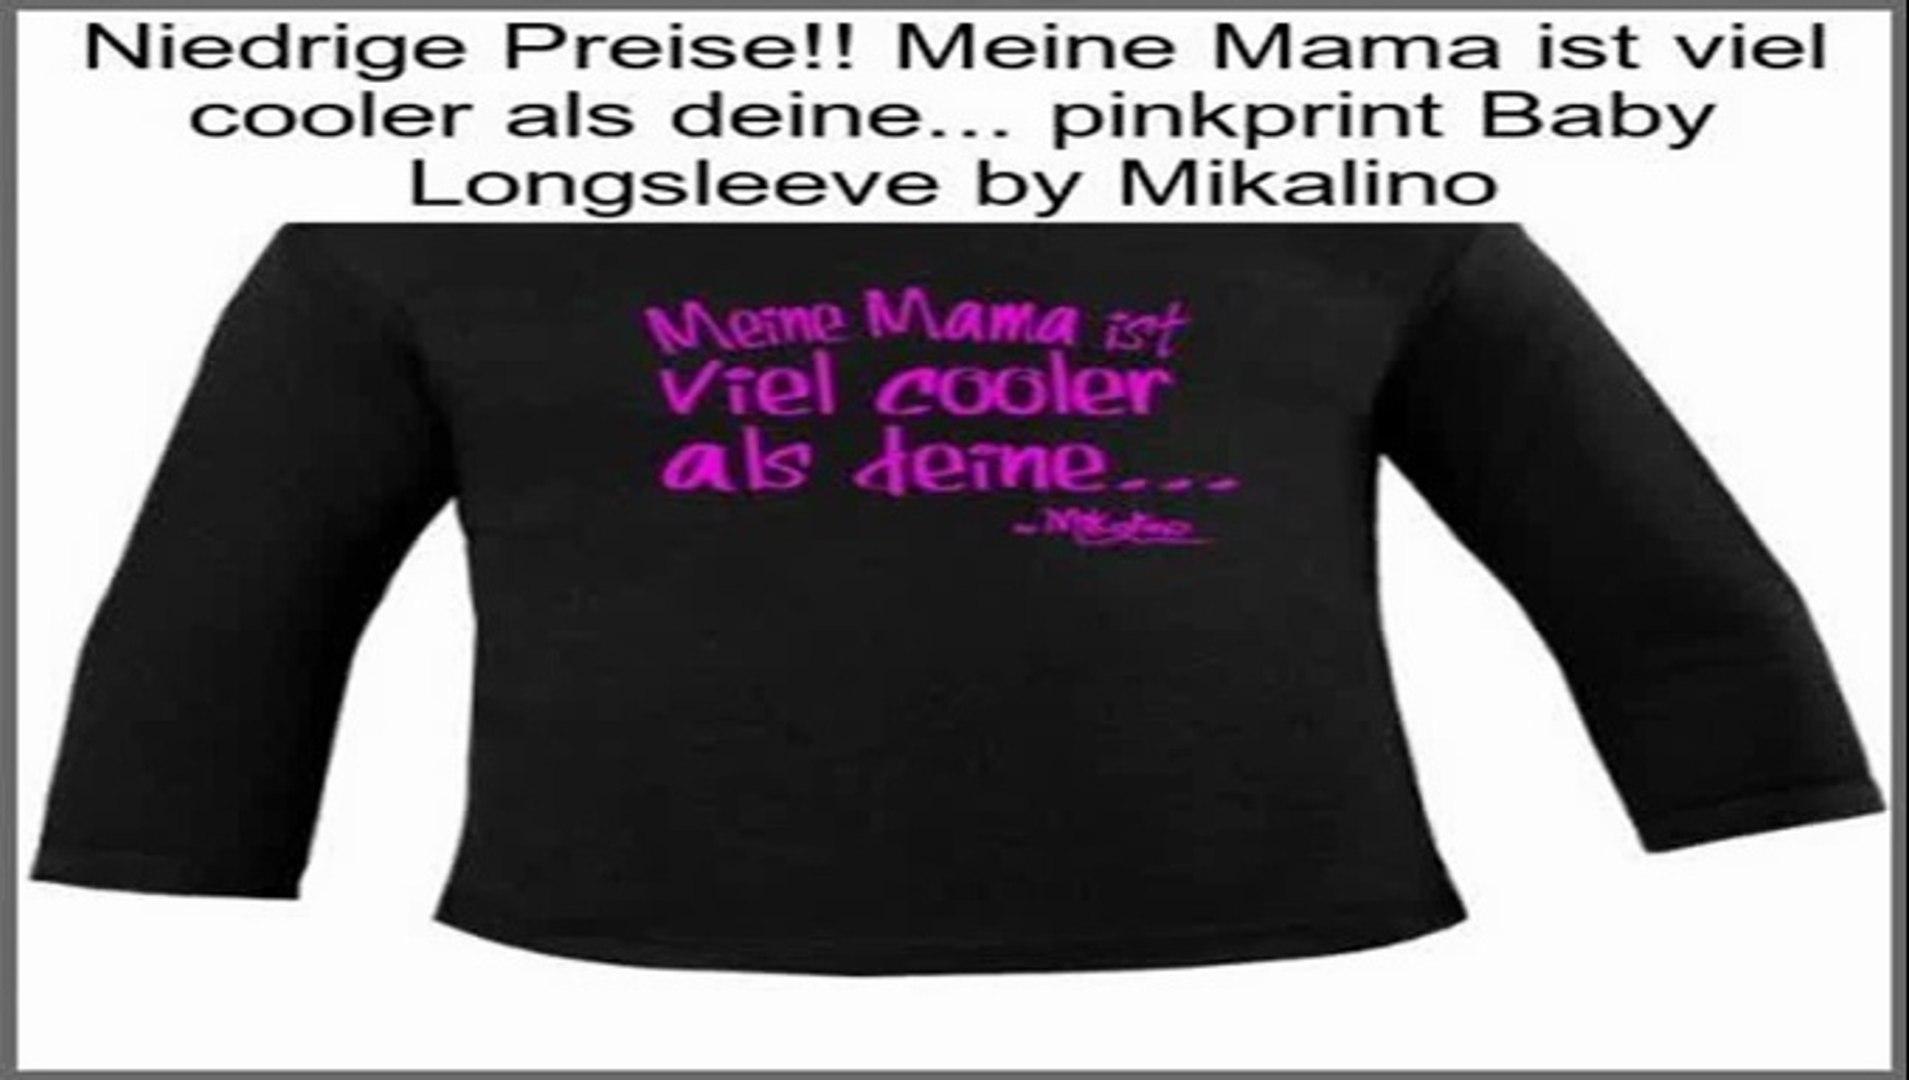 Mikalino Meine Tante ist viel cooler als deine weissprint Baby Longsleeve by